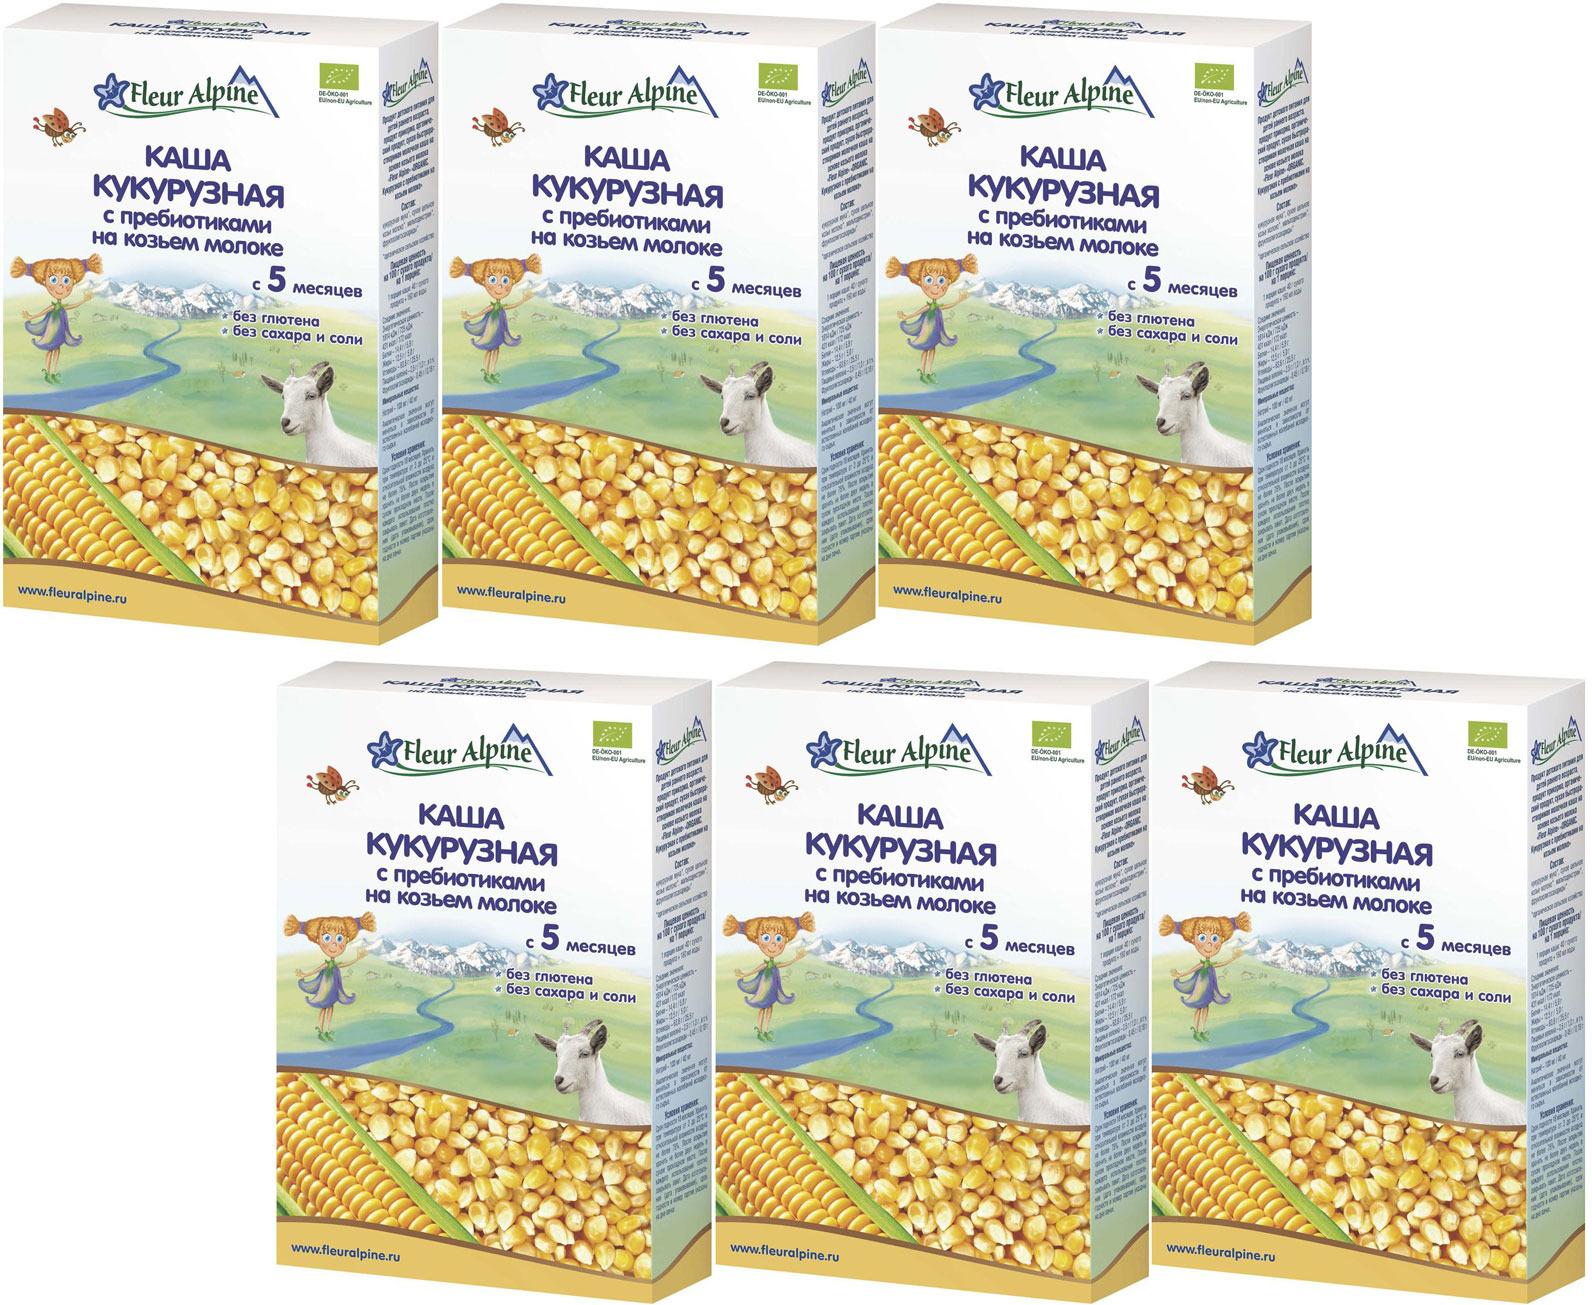 Флер Альпин Органик каша на козьем молоке кукурузная с пребиотиками, с 5 месяцев, 6 шт по 200 г кабрита 2 голд смесь молочная для детей на козьем молоке 400г